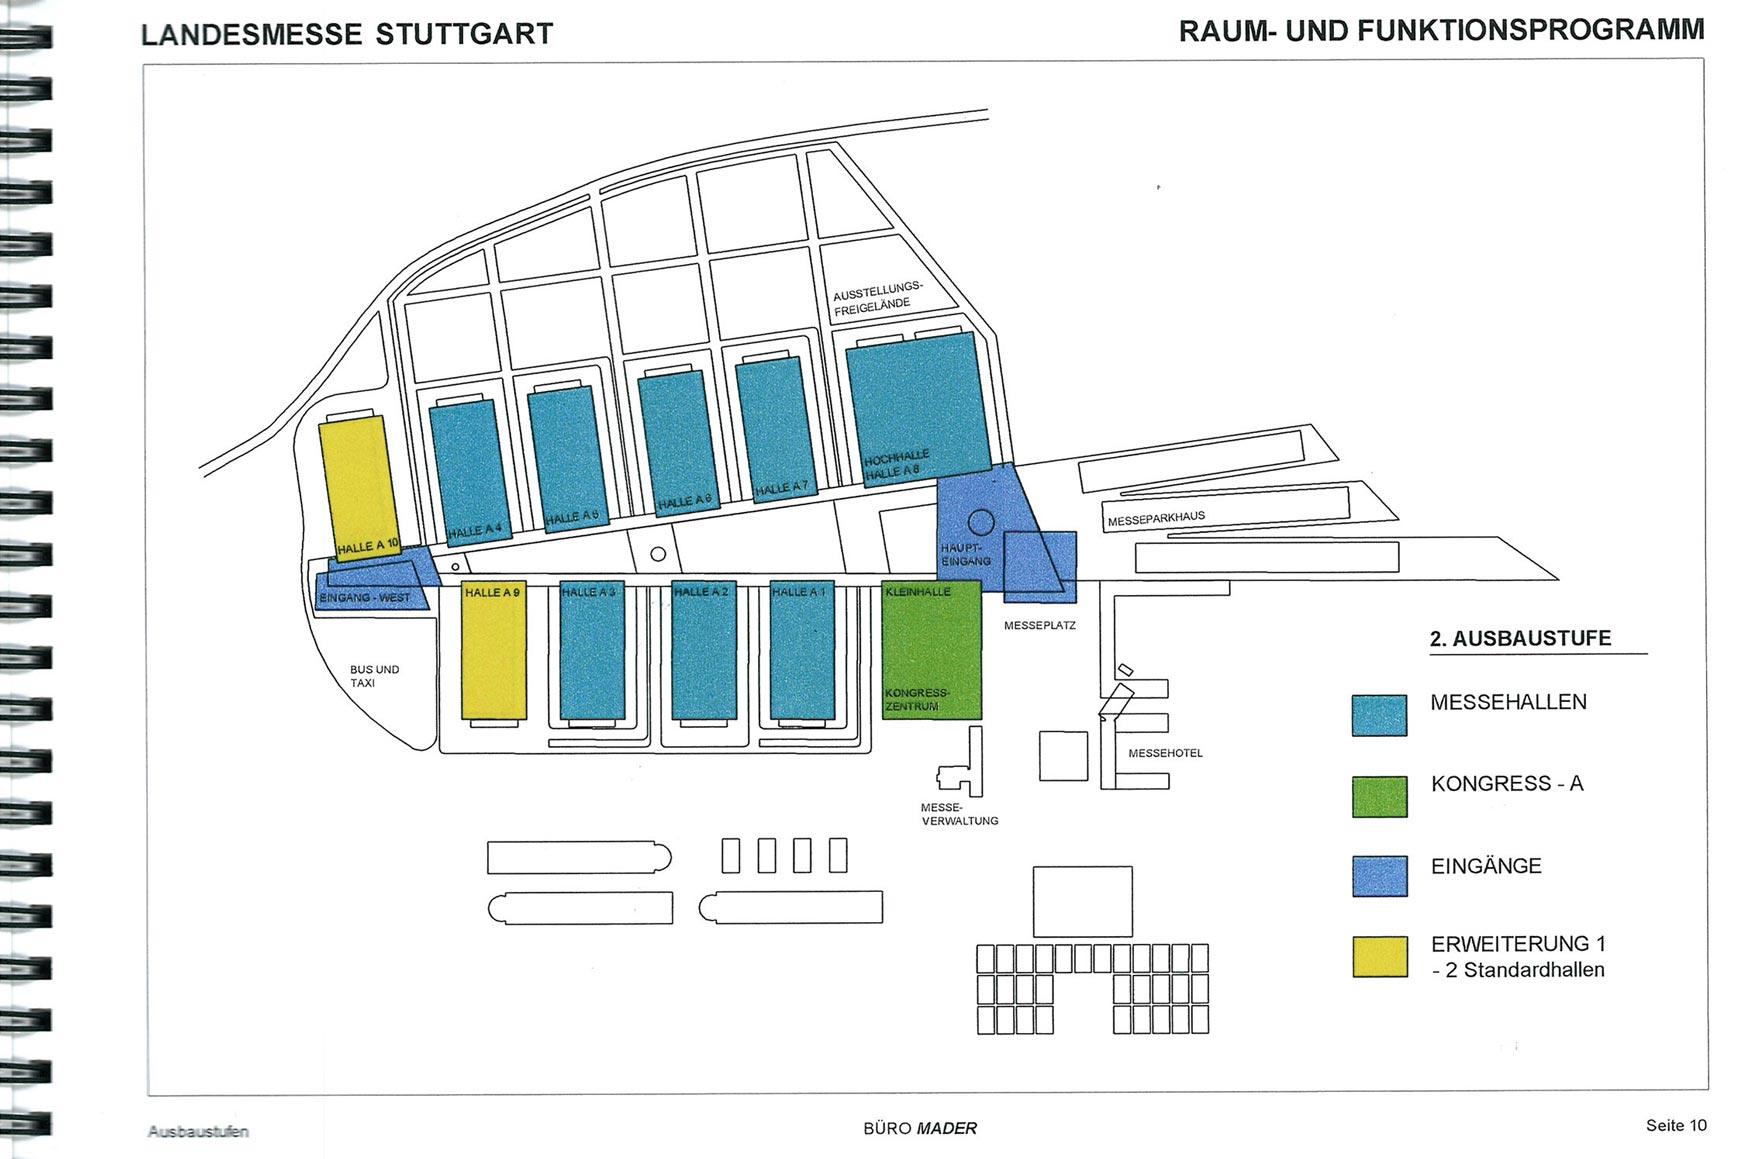 Auf der Grundlage unseres Raum- und Funktionsprogrammes wurde die neue Landesmesse am Stuttgarter Flughafen zu einem der erfolgreichsten Messeplätze und wird bereits nach sieben Jahren nach unserem Konzept erweitert.<br /><br />